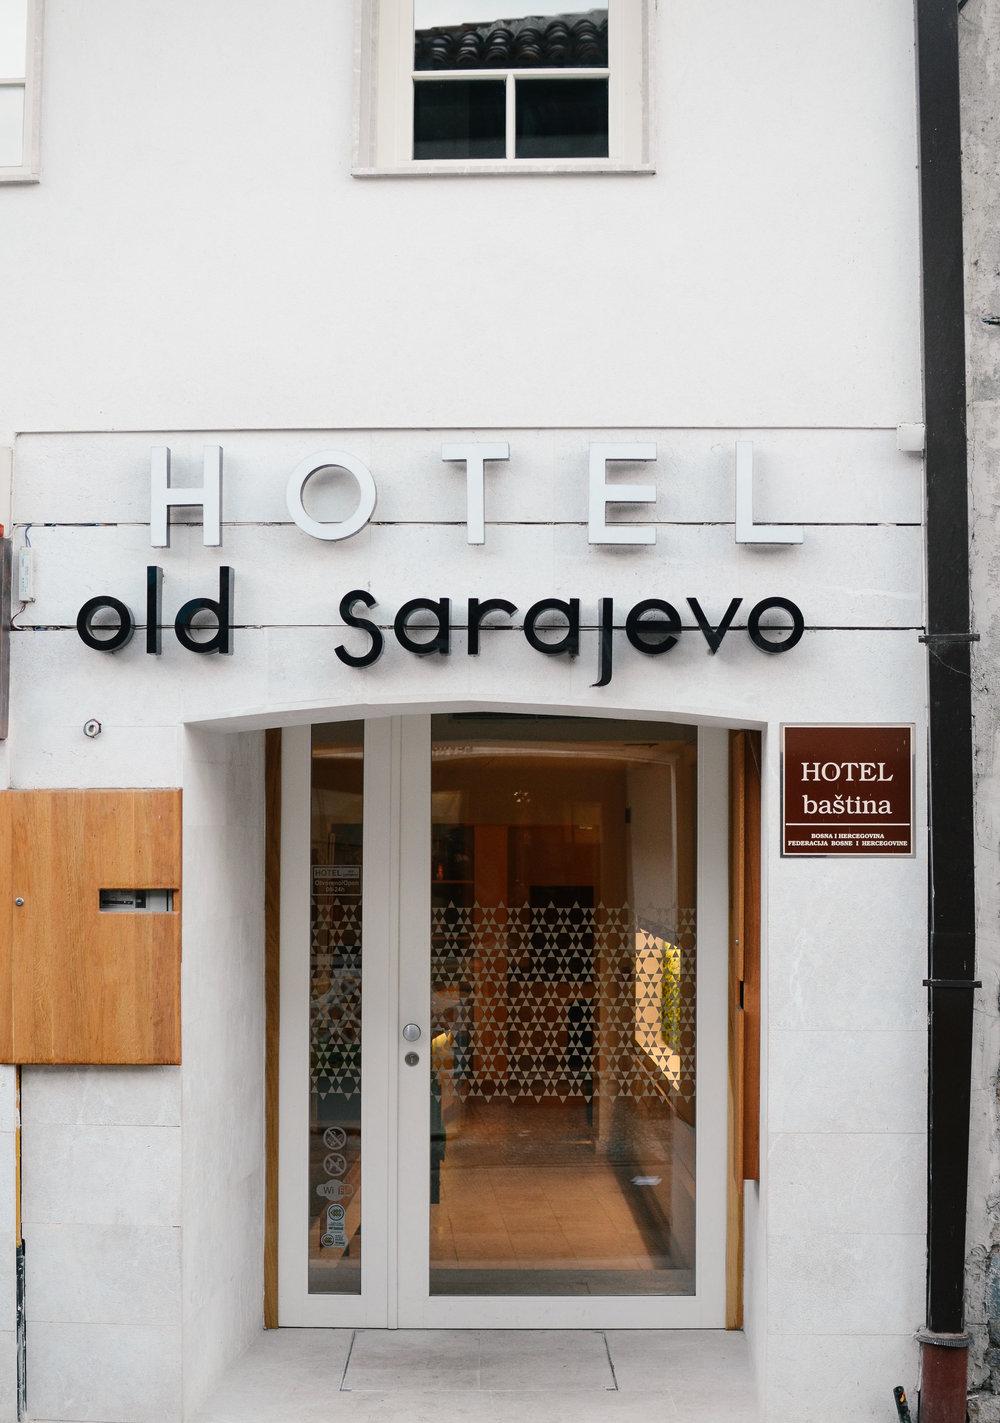 bosnia-travel-sarajevo-guide-lifeonpine_DSC_2610.jpg